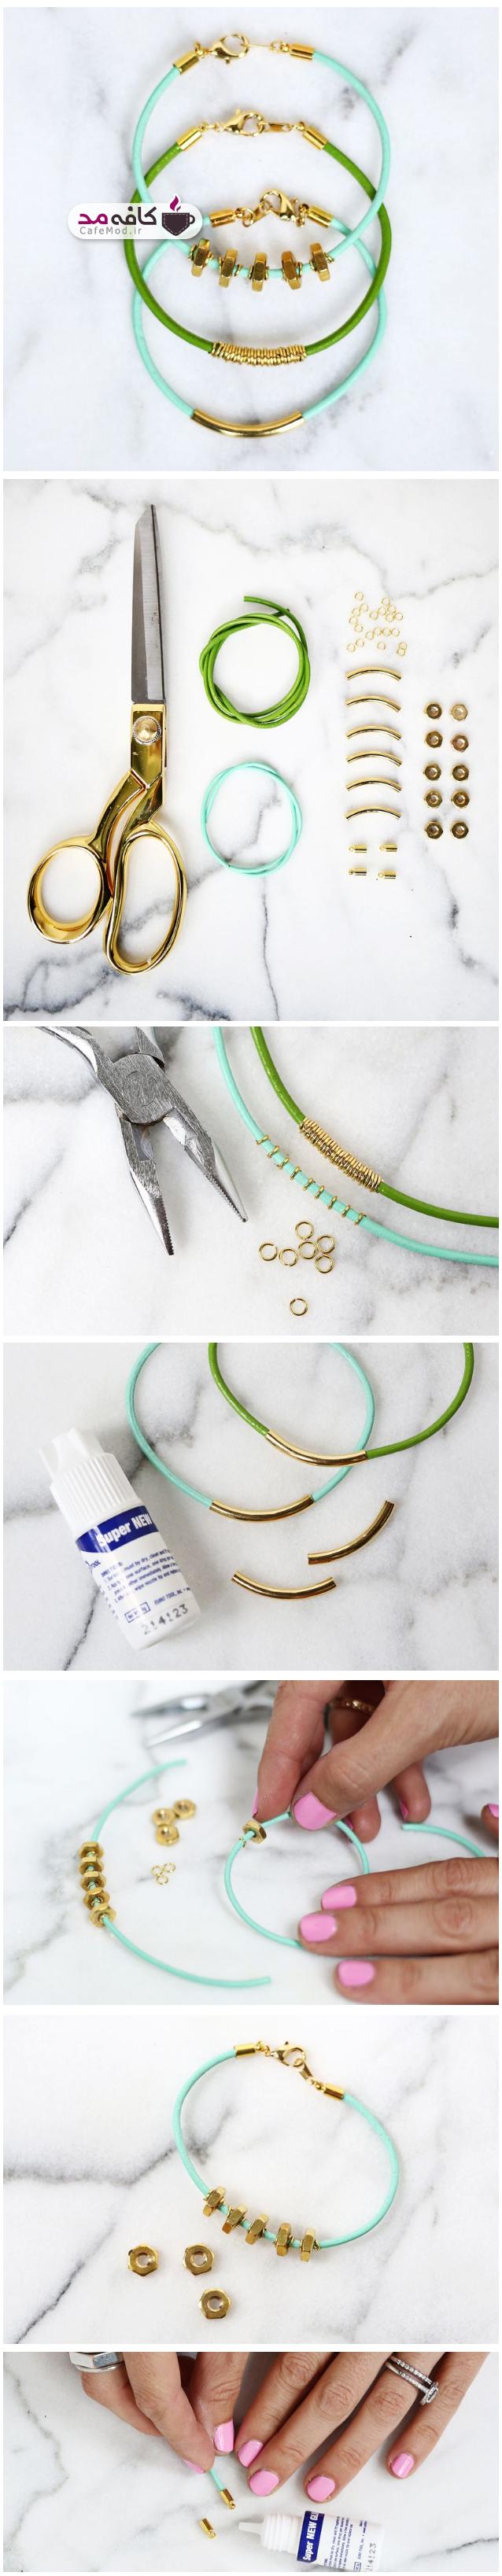 آموزش ساخت دستبند کشی ساده